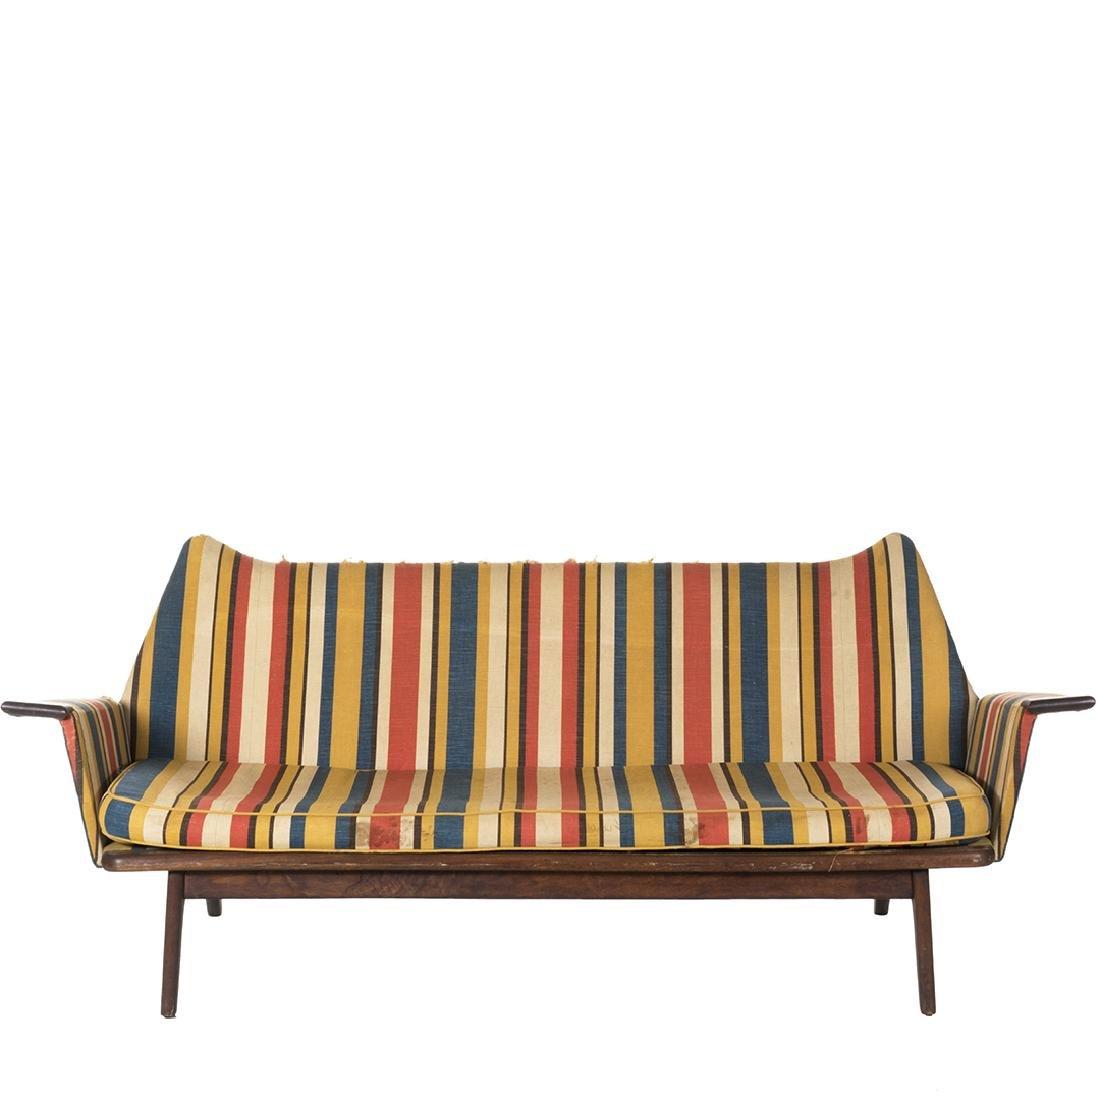 Danish Sculptural Sofa